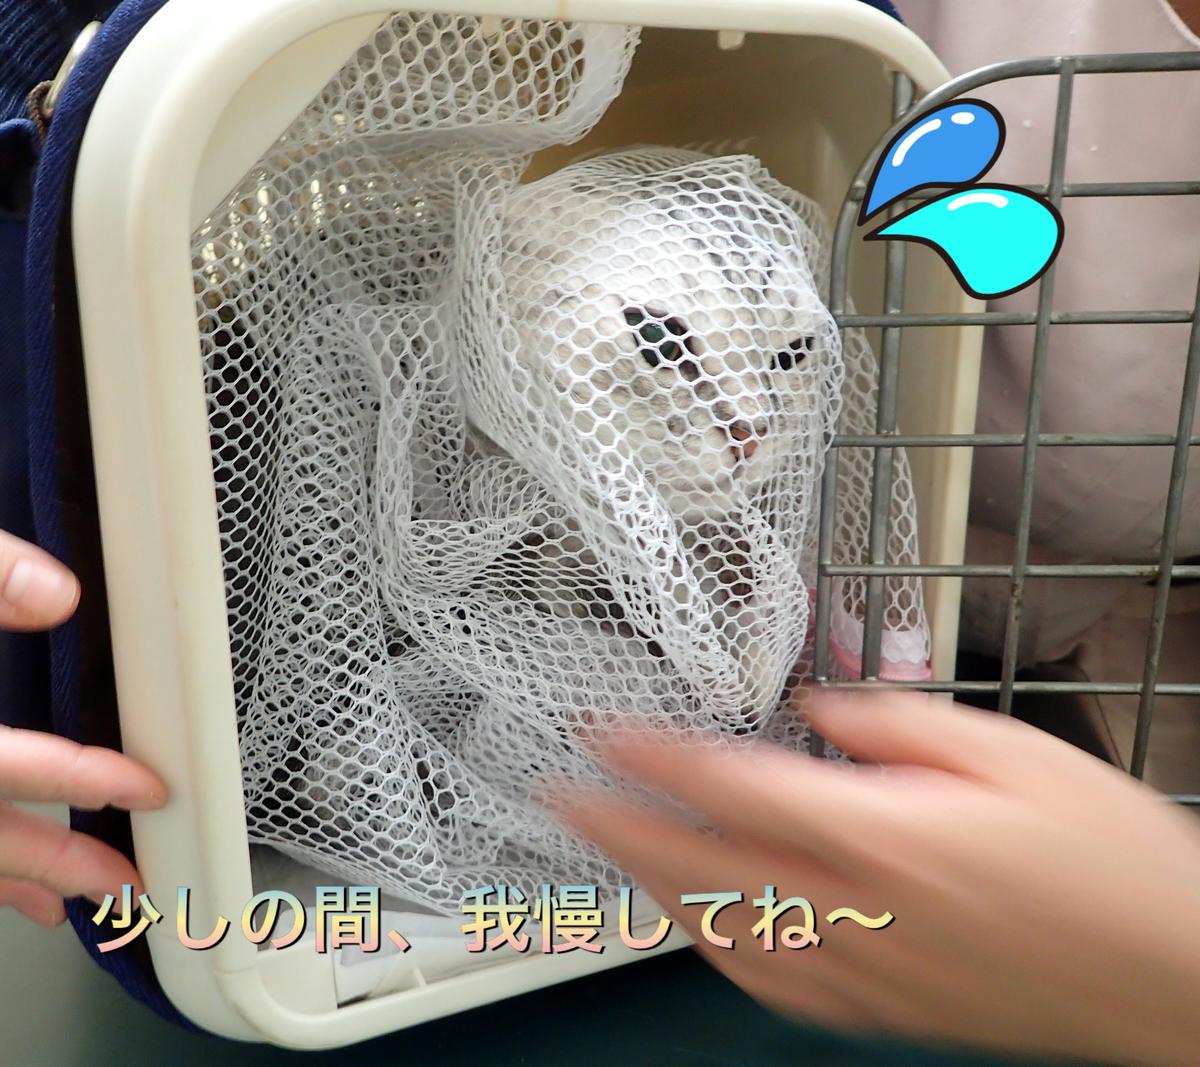 f:id:nozawa_clinic:20190605183957j:plain